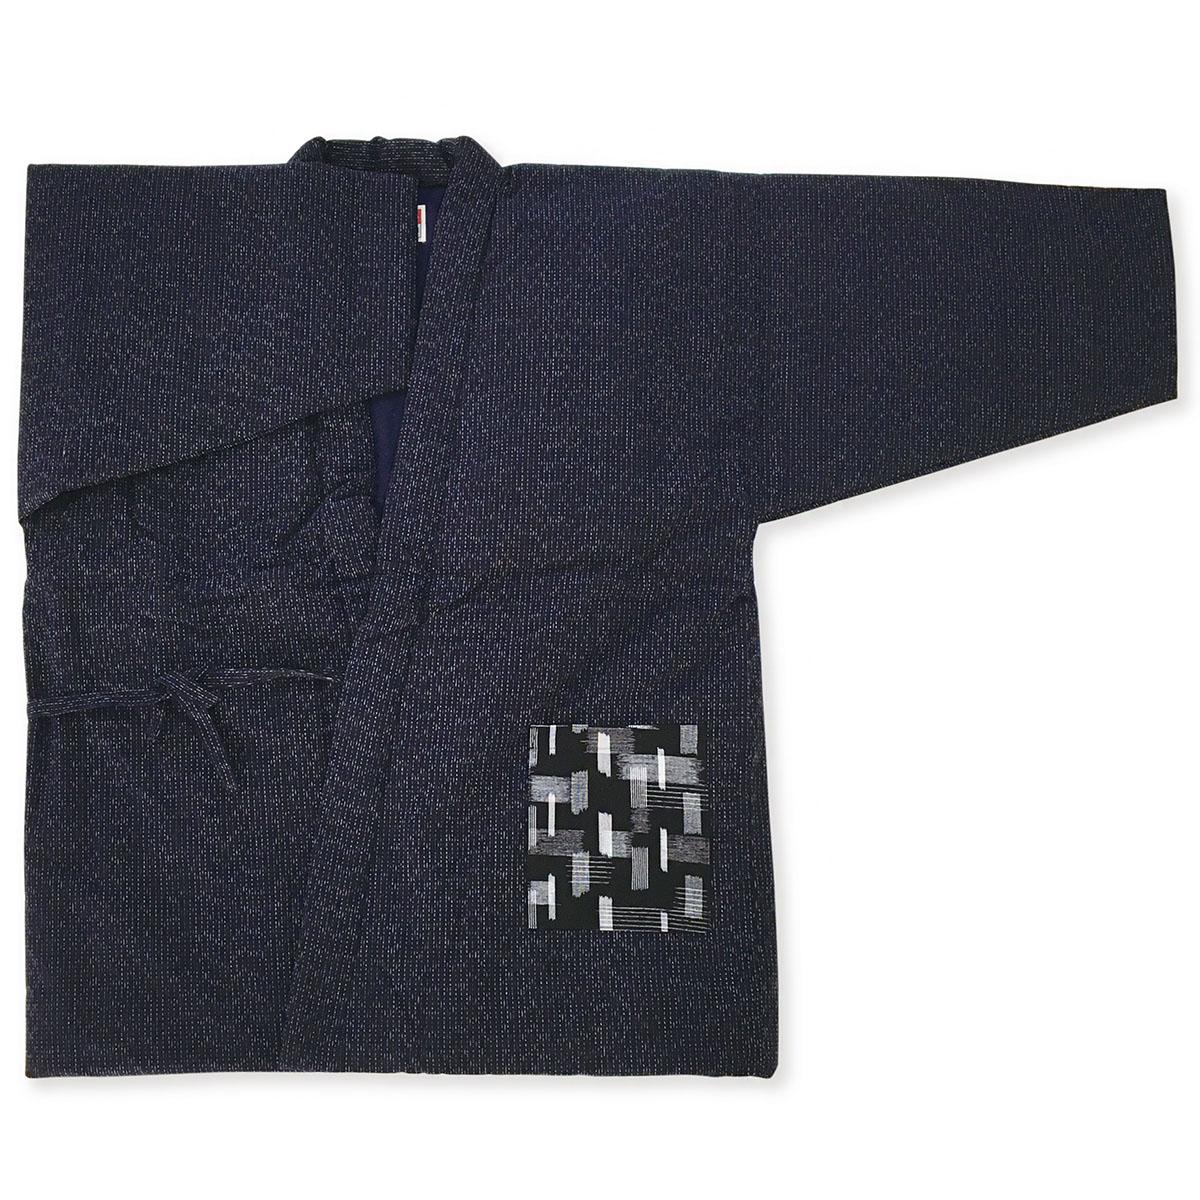 はんてん 四つ紐前合わせ ラグラン半纏 綿100% 宮田織物945X 久留米半纏 半天 袢纏 半てん ハンテン